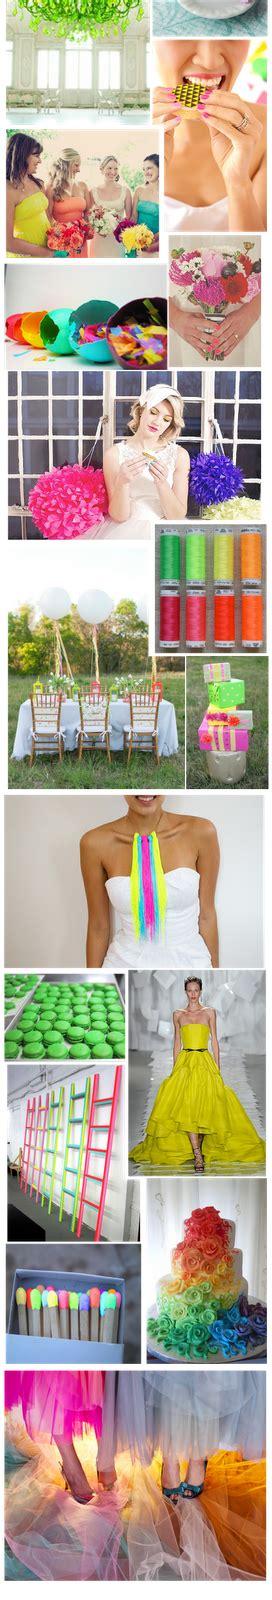 carteles anime divertido gracioso novios novias traje bano bodas color 237 n colorado una boda fl 250 or